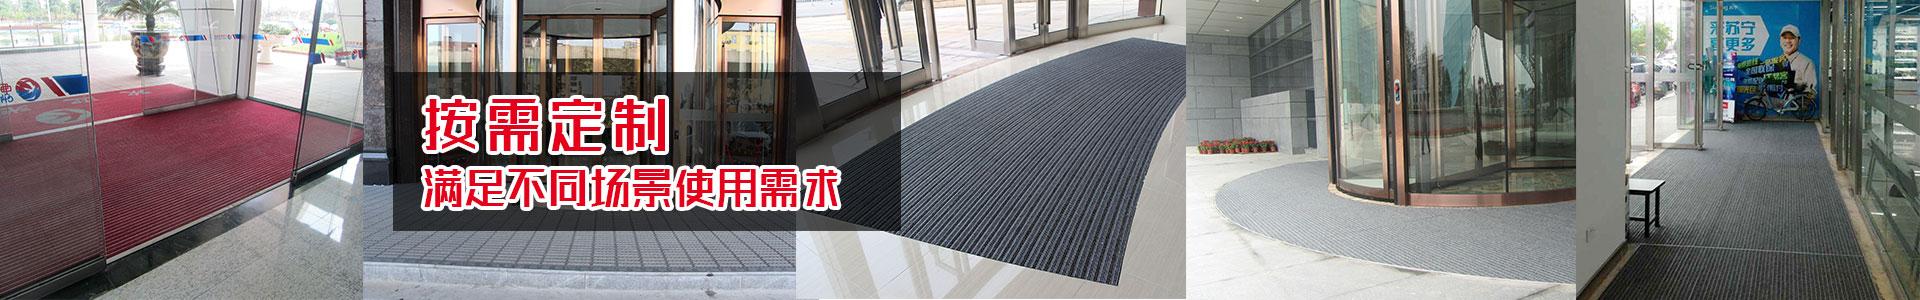 地毯式地垫:按需定制 满足不同场景使用需求